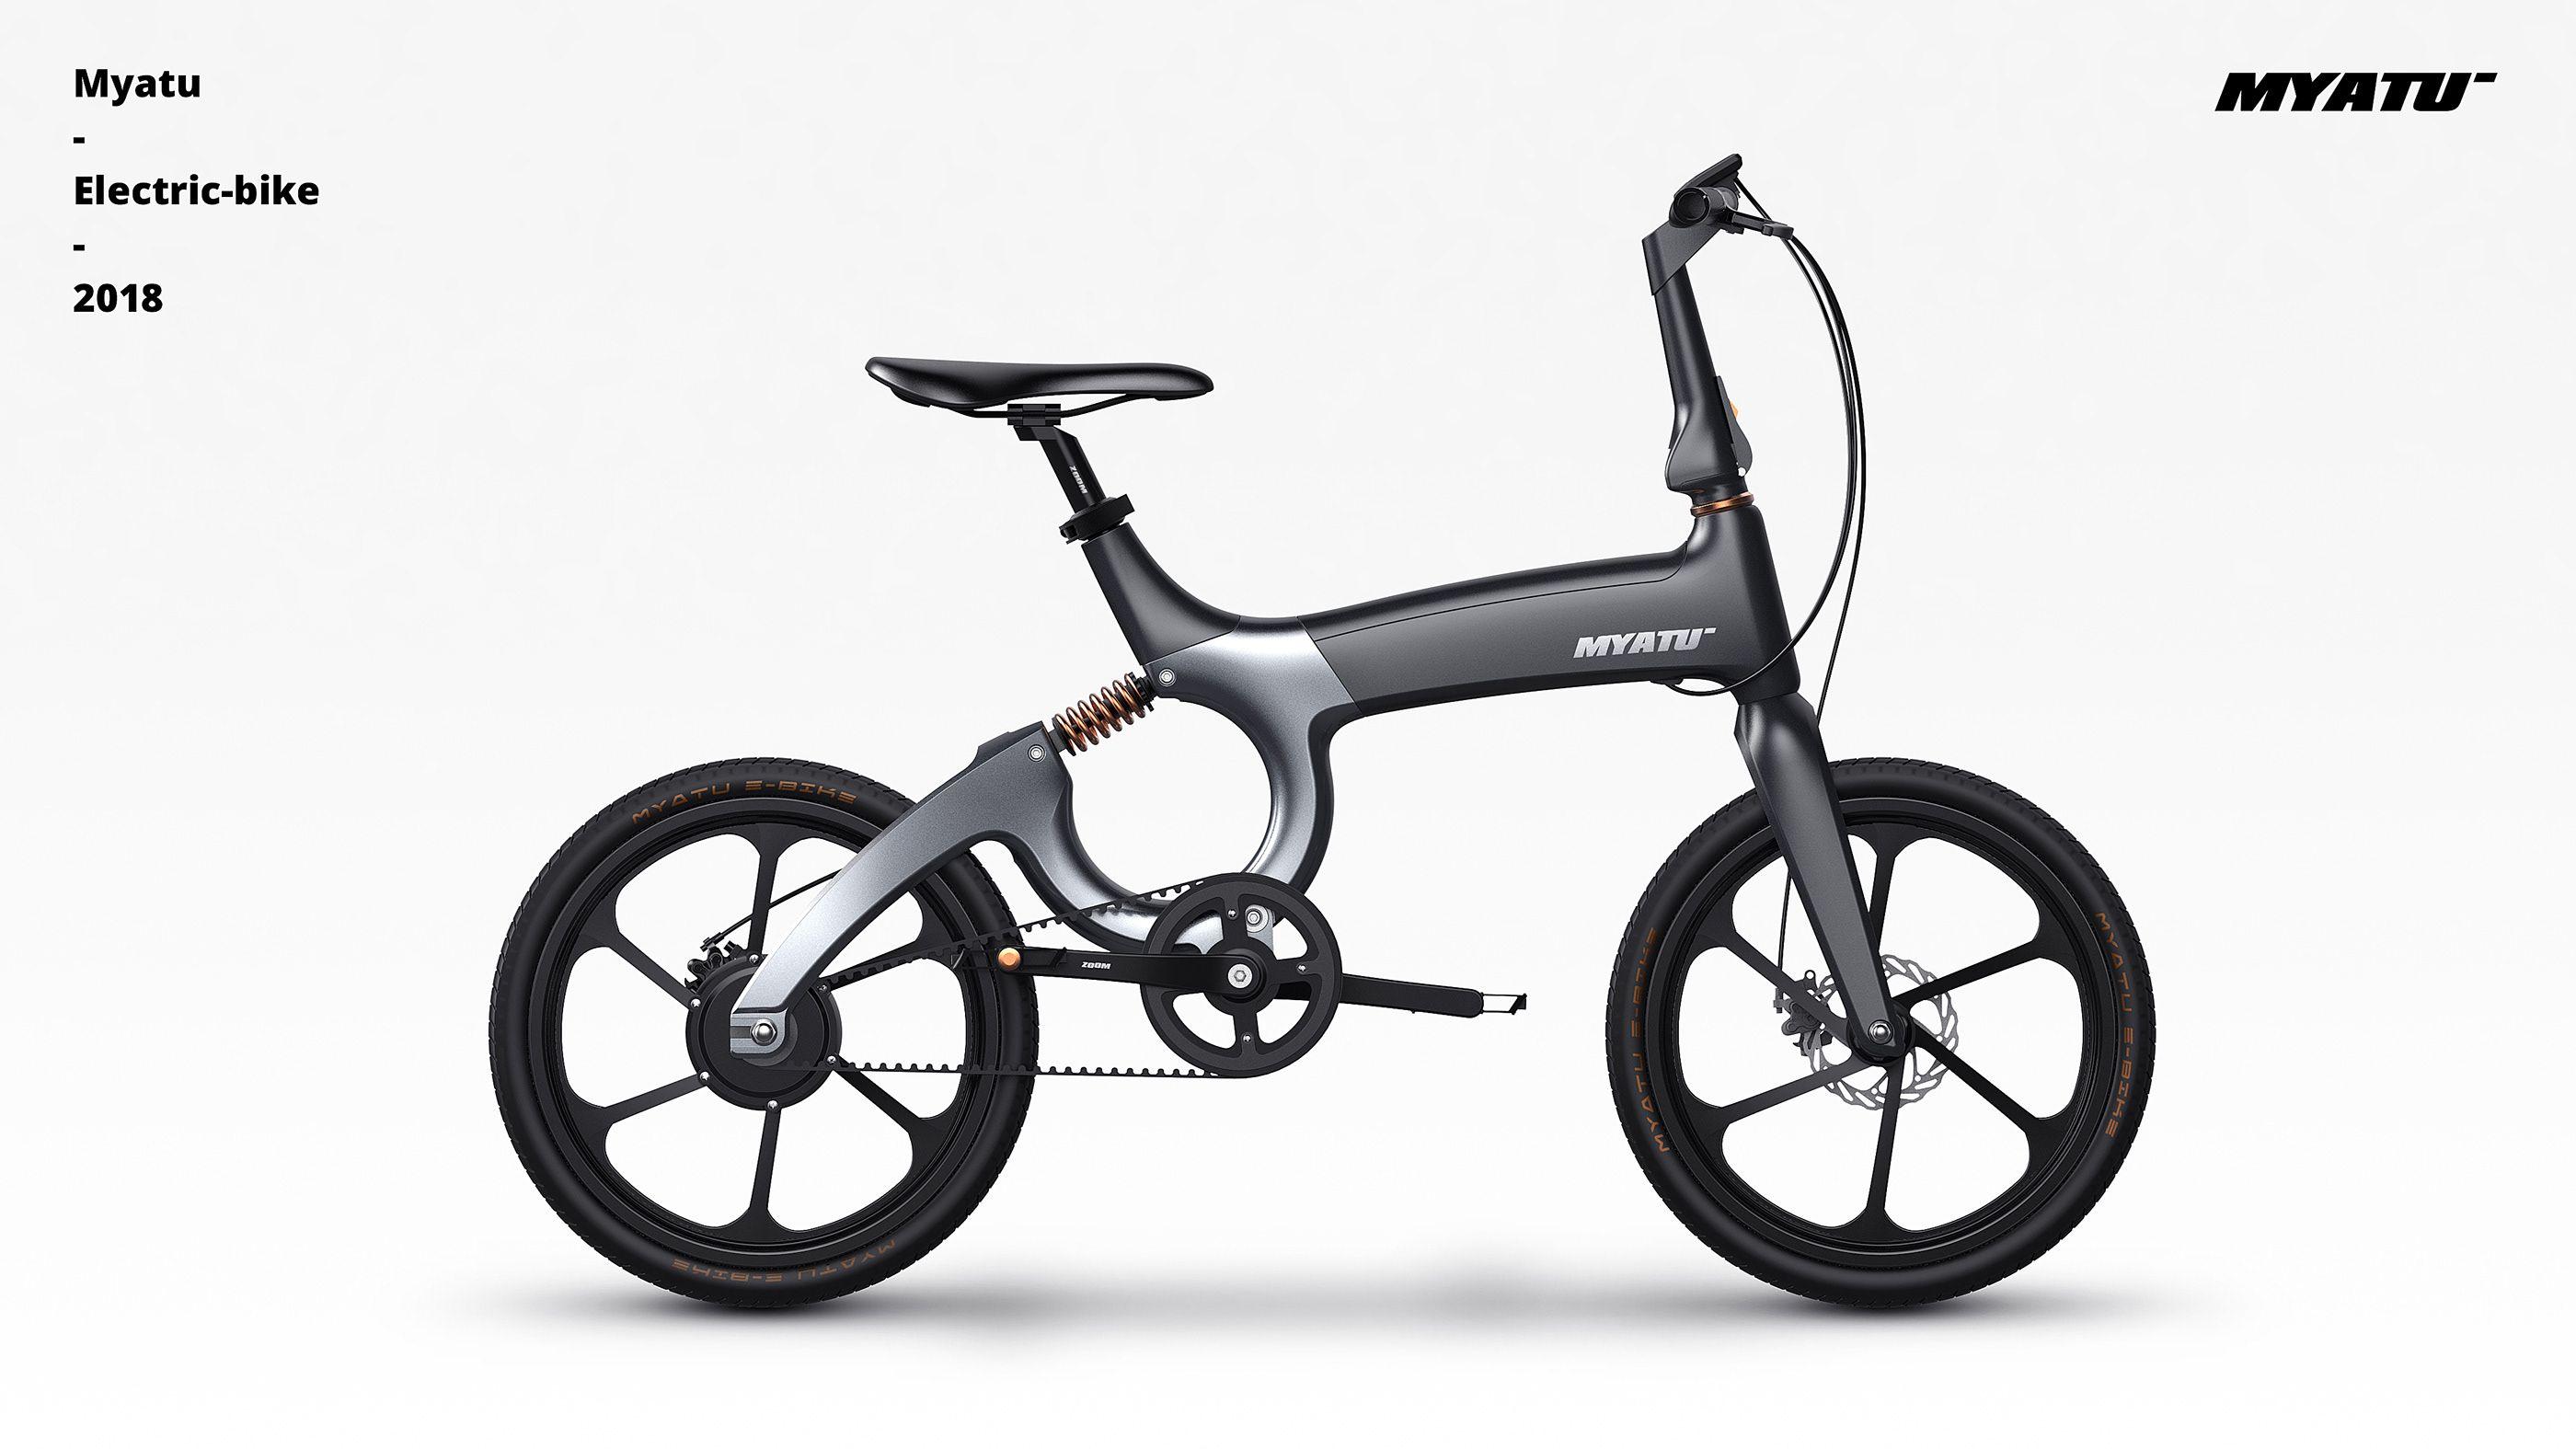 Myatu Eb On Behance Bicycle Electric Bike Bike